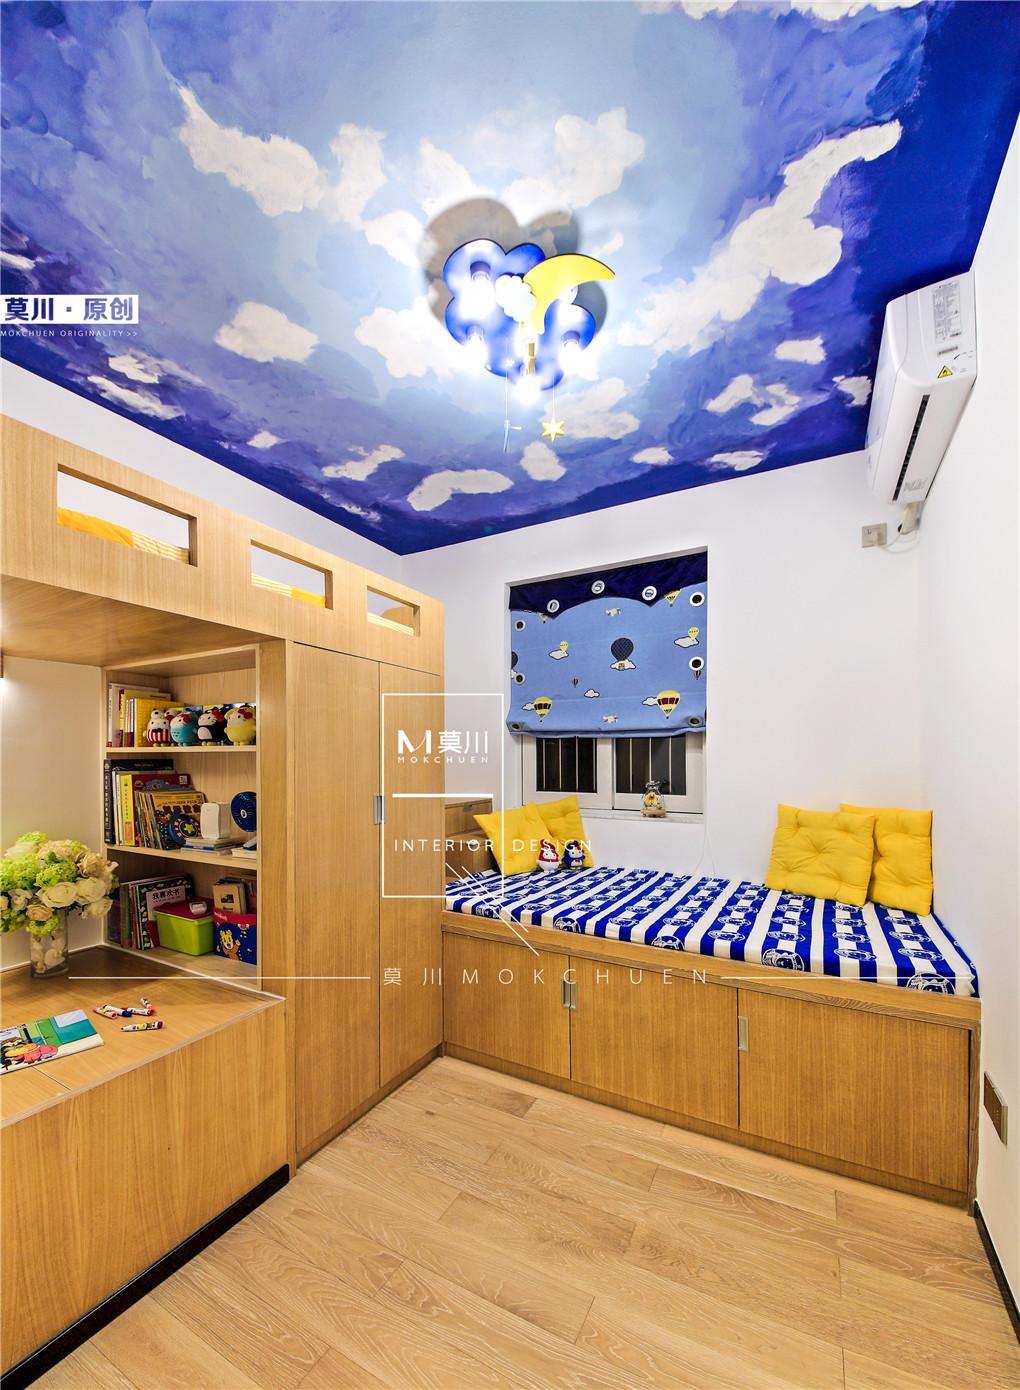 深圳儿童房优游注册平台网站